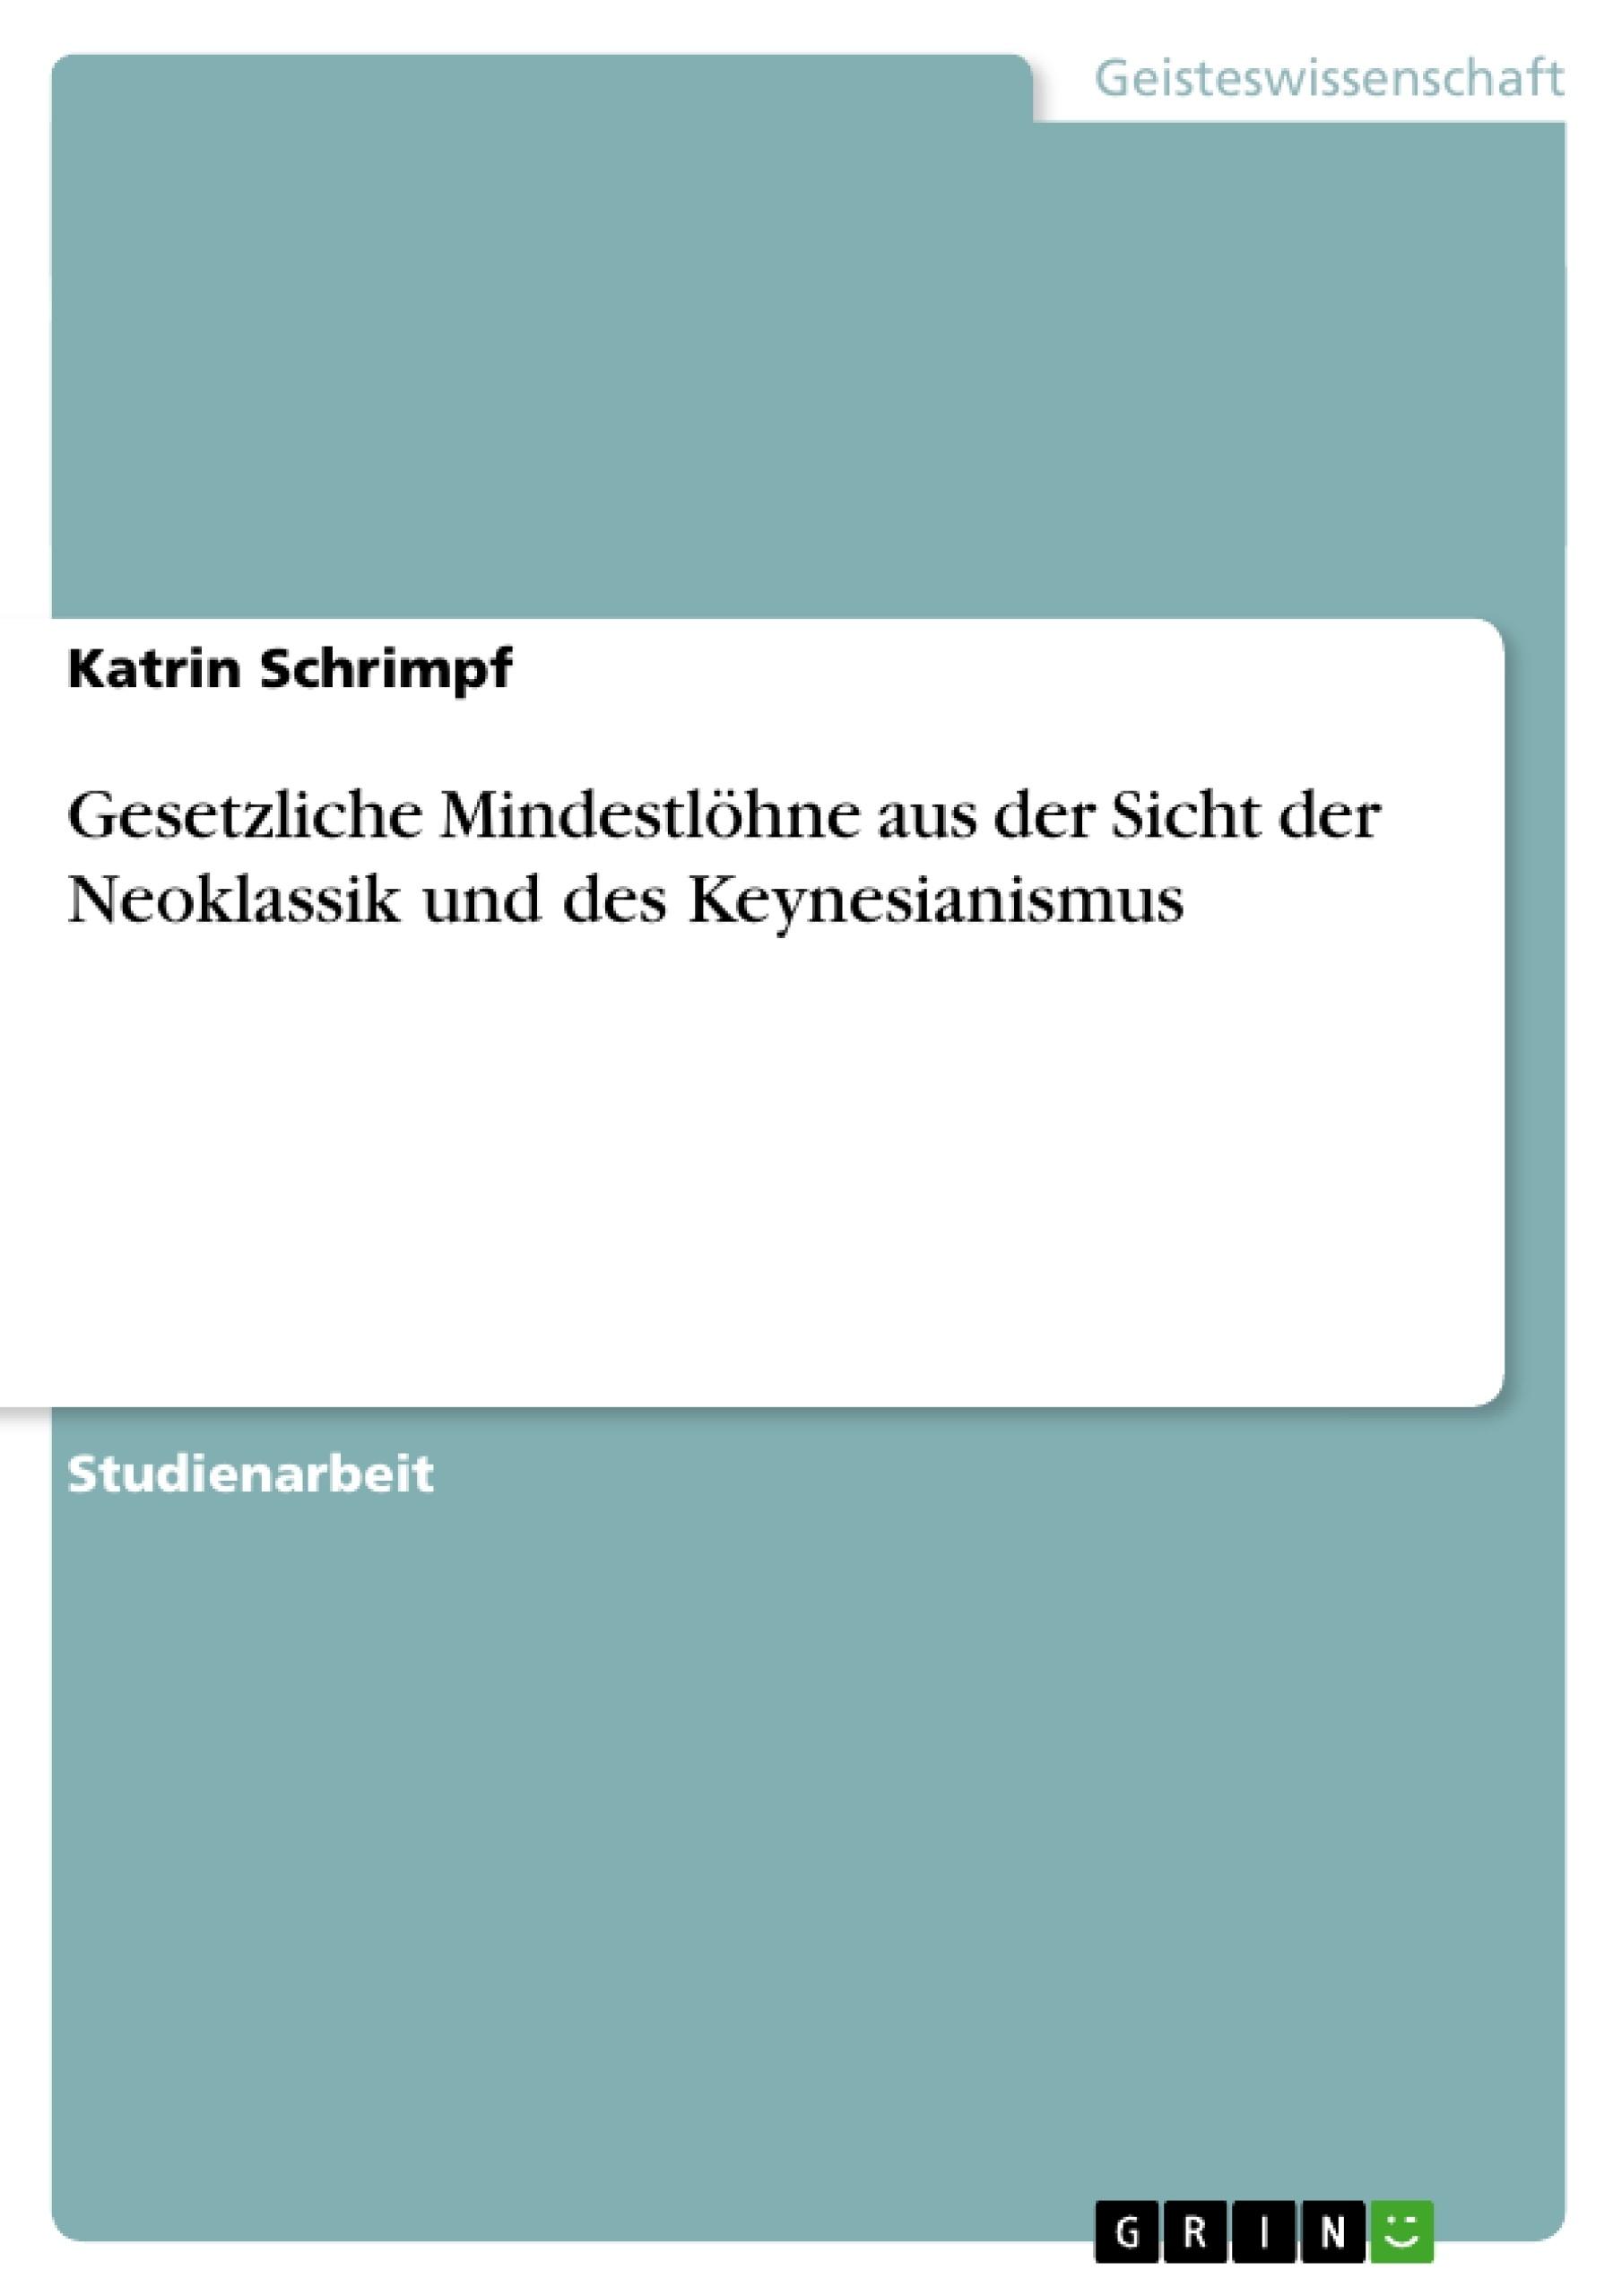 Titel: Gesetzliche Mindestlöhne aus der Sicht der Neoklassik und des Keynesianismus